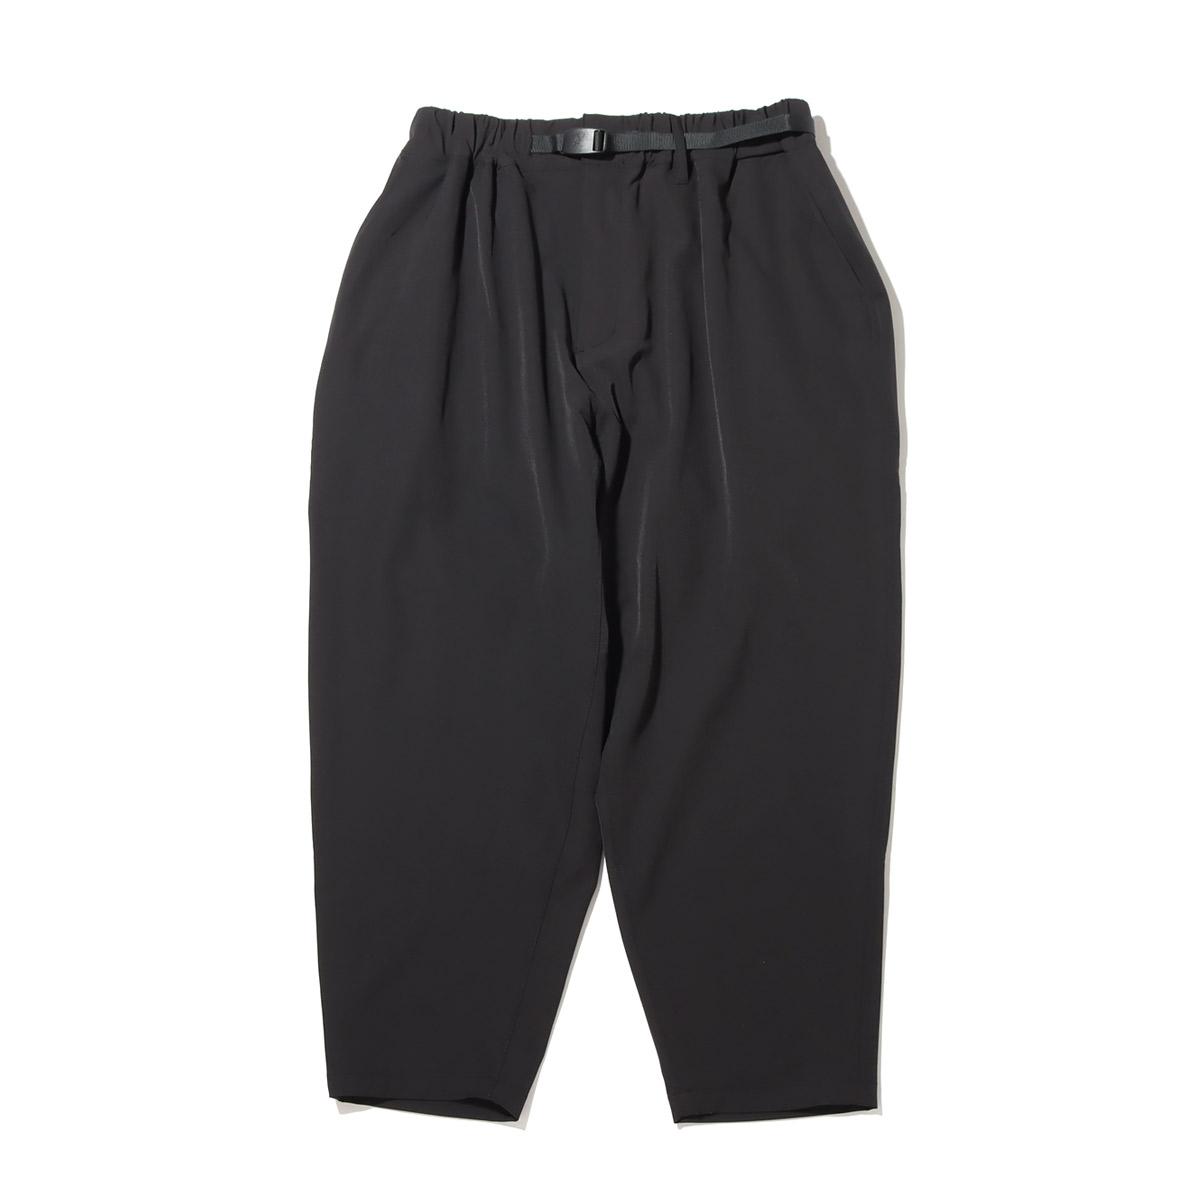 メンズファッション, ズボン・パンツ WHITE MOUNTAINEERING GRAMICCI STRETCHED SAROUEL PANTS(BLACK)( )21FA-I